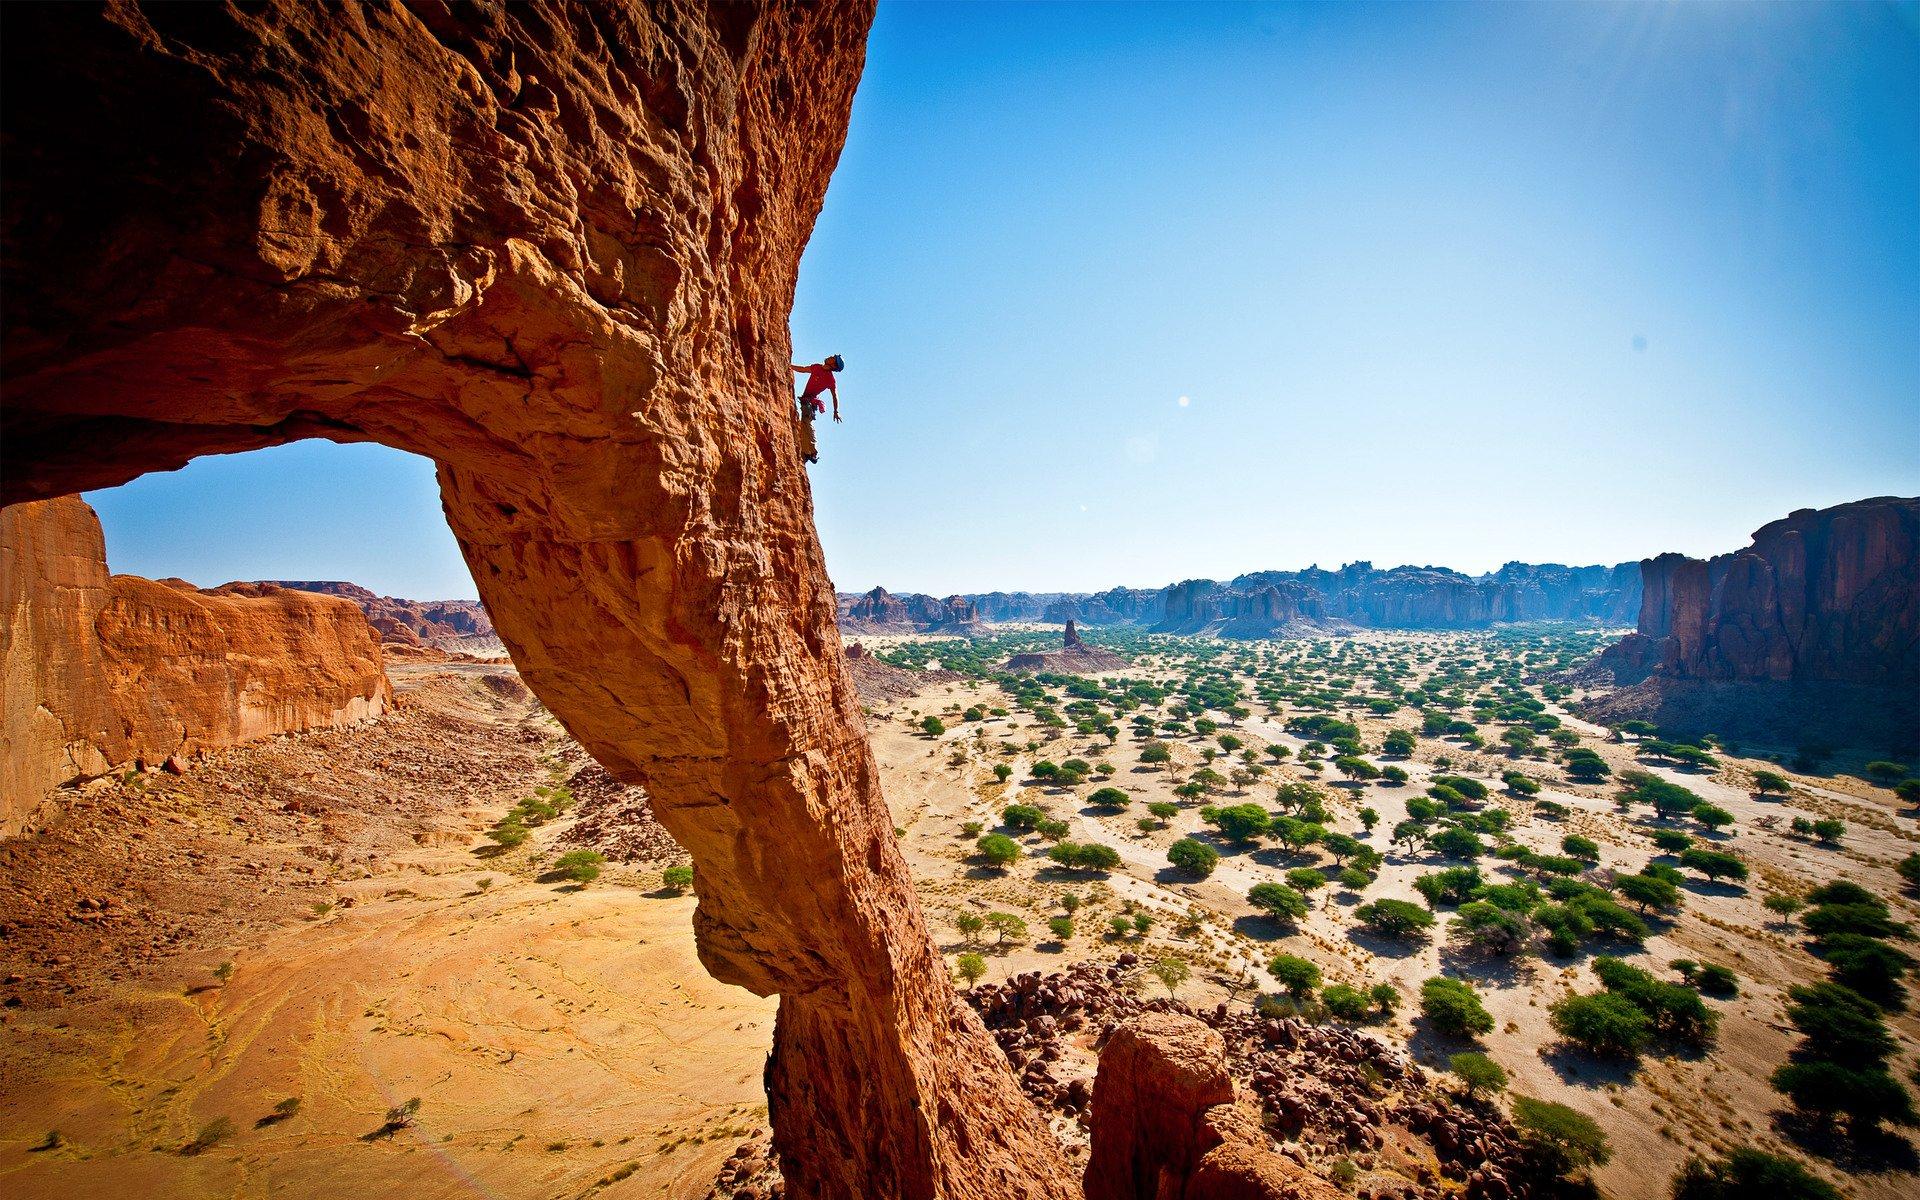 Rock Climbing HD Wallpaper